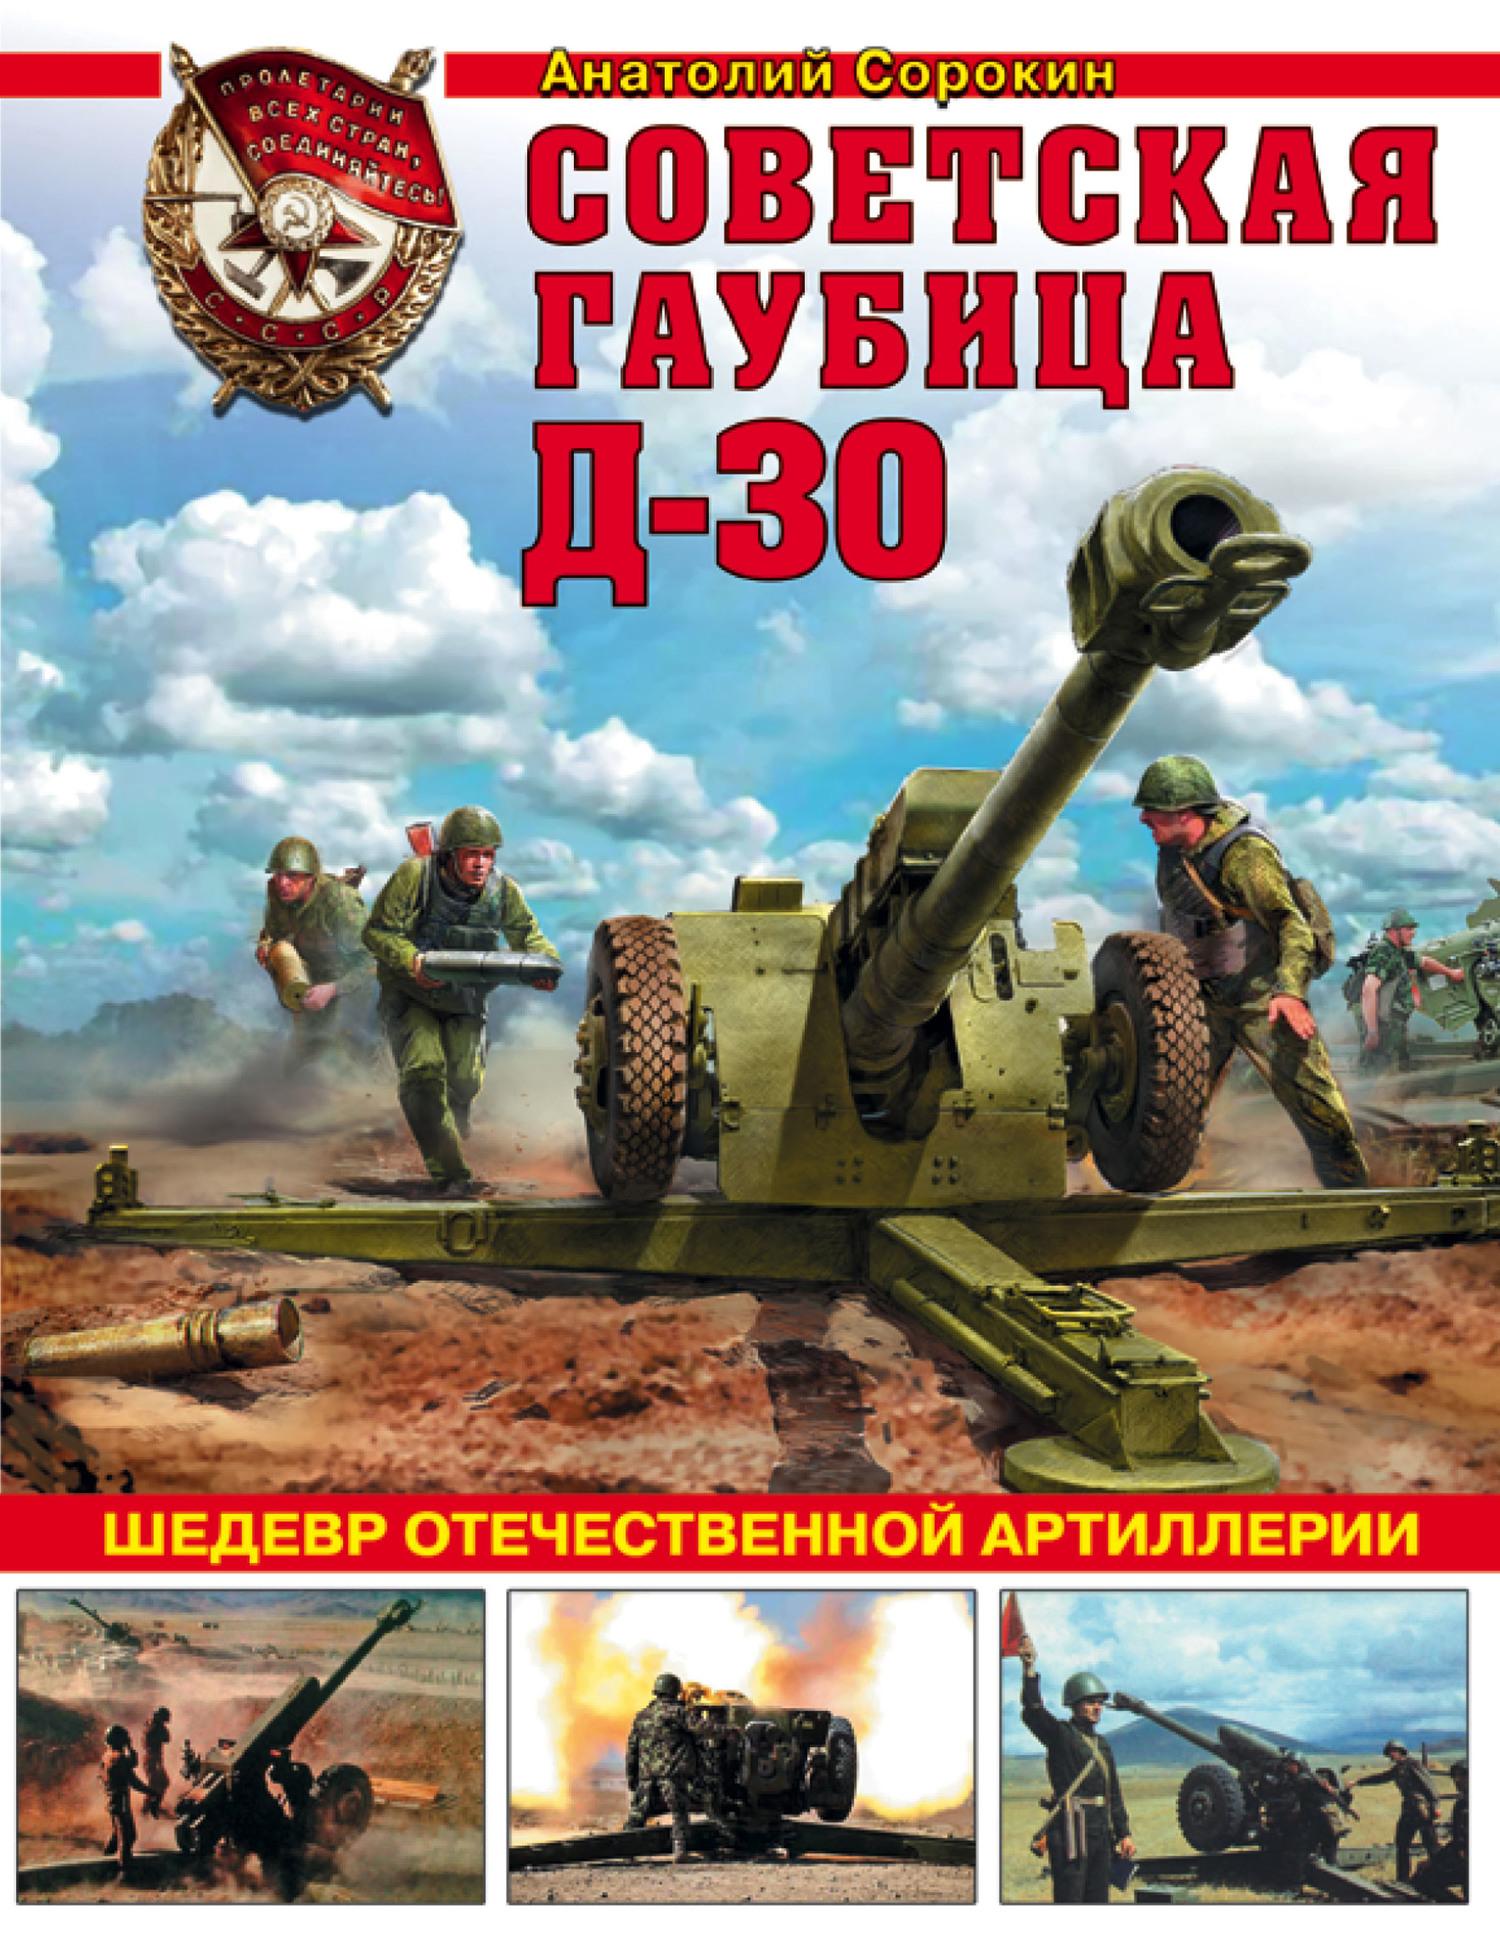 Анатолий Сорокин Советская гаубица Д-30. Шедевр отечественной артиллерии томсон д прогулки по барселоне